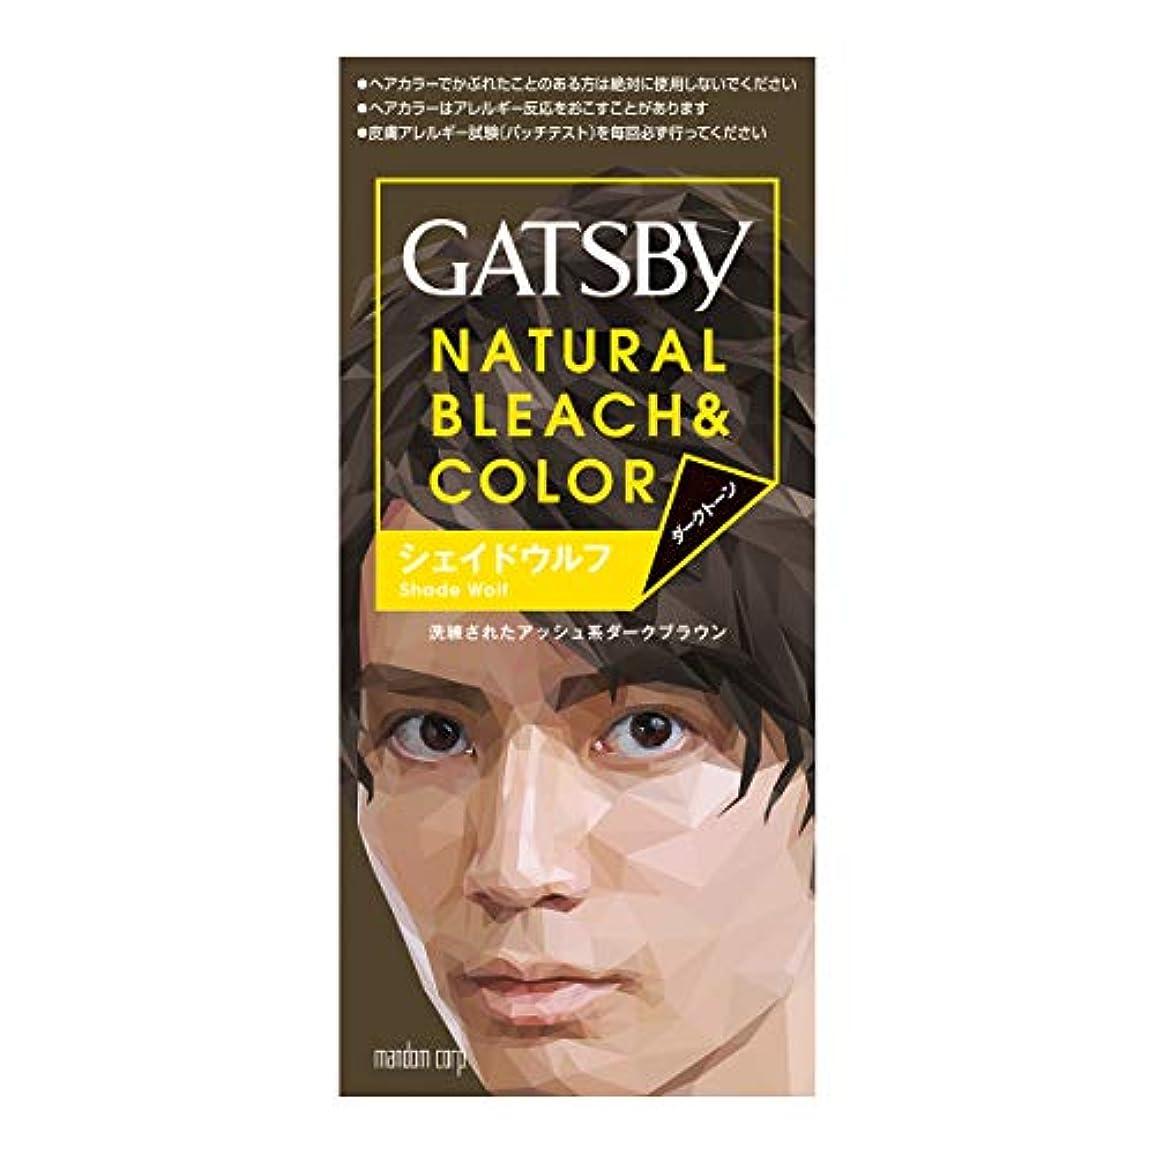 社員自信がある闘争GATSBY(ギャツビー) ナチュラルブリーチカラー シェイドウルフ 1剤35g 2剤70mL (医薬部外品)